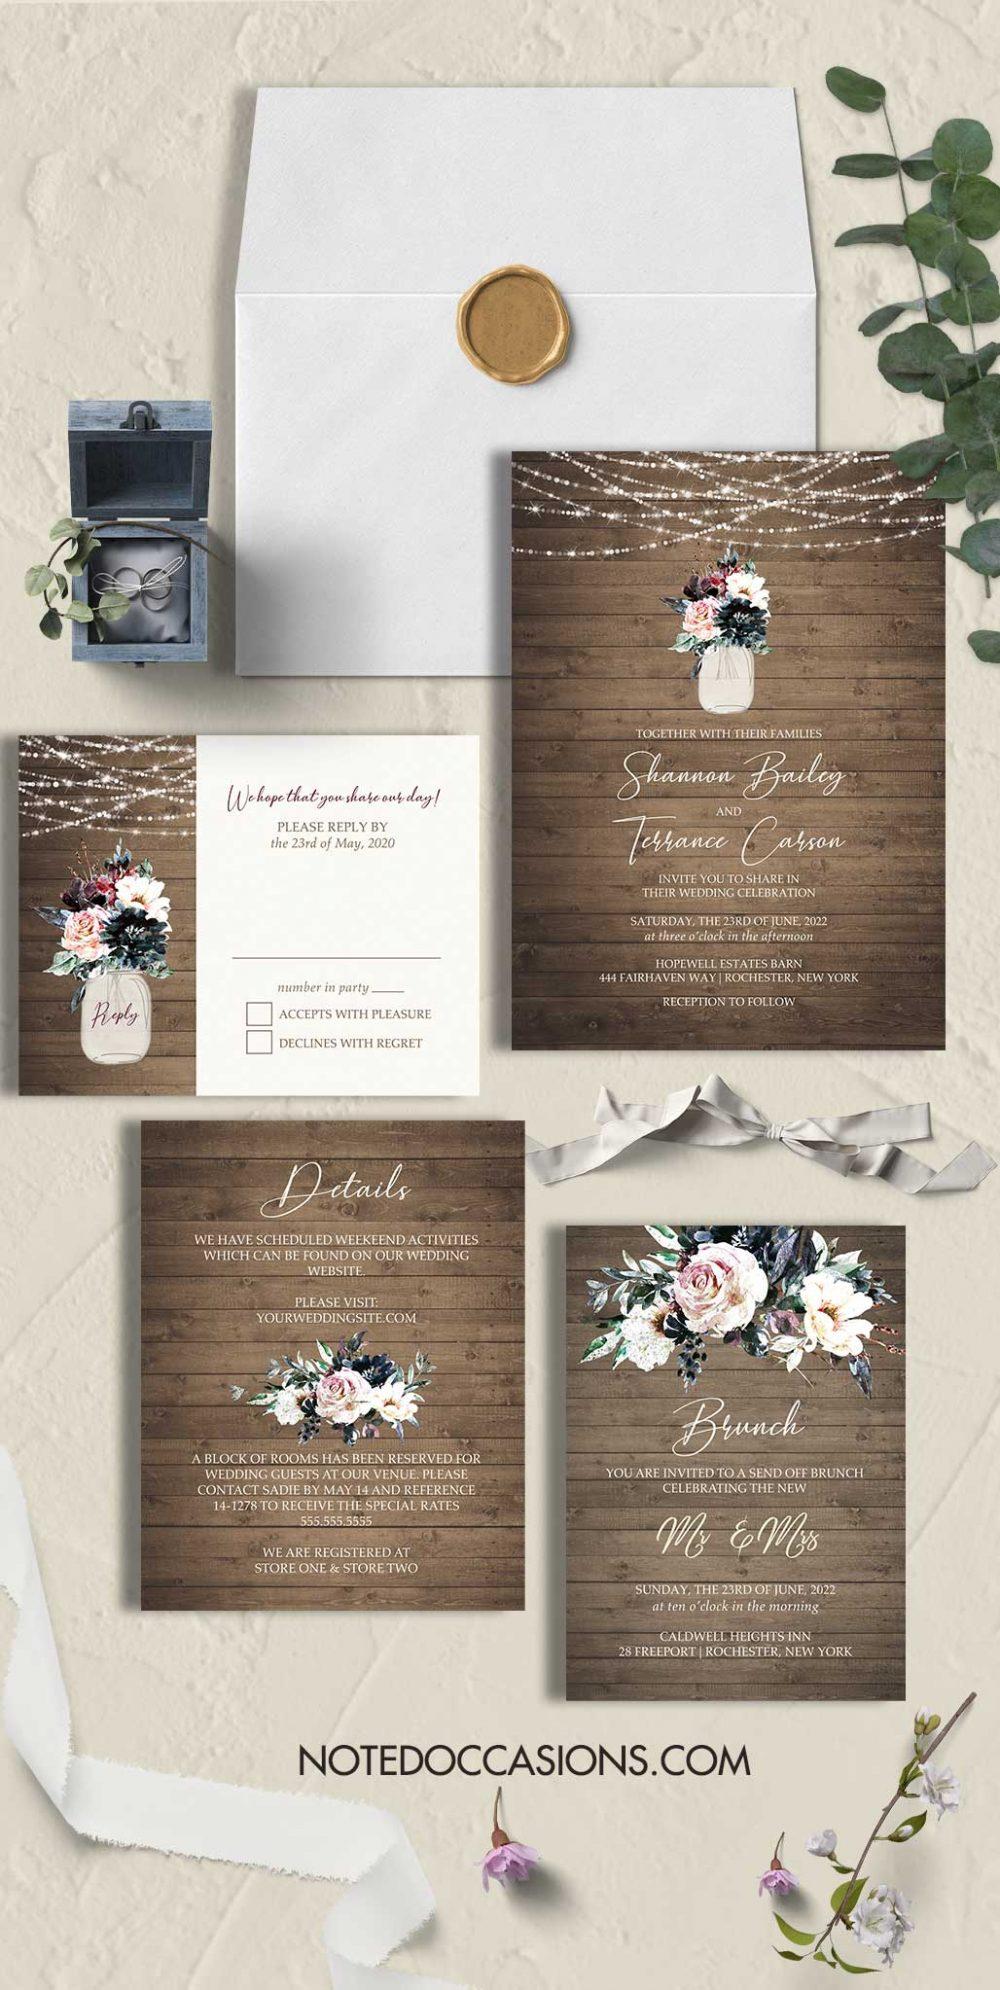 Rustic Wedding Invitations Watercolor Florals in Jar